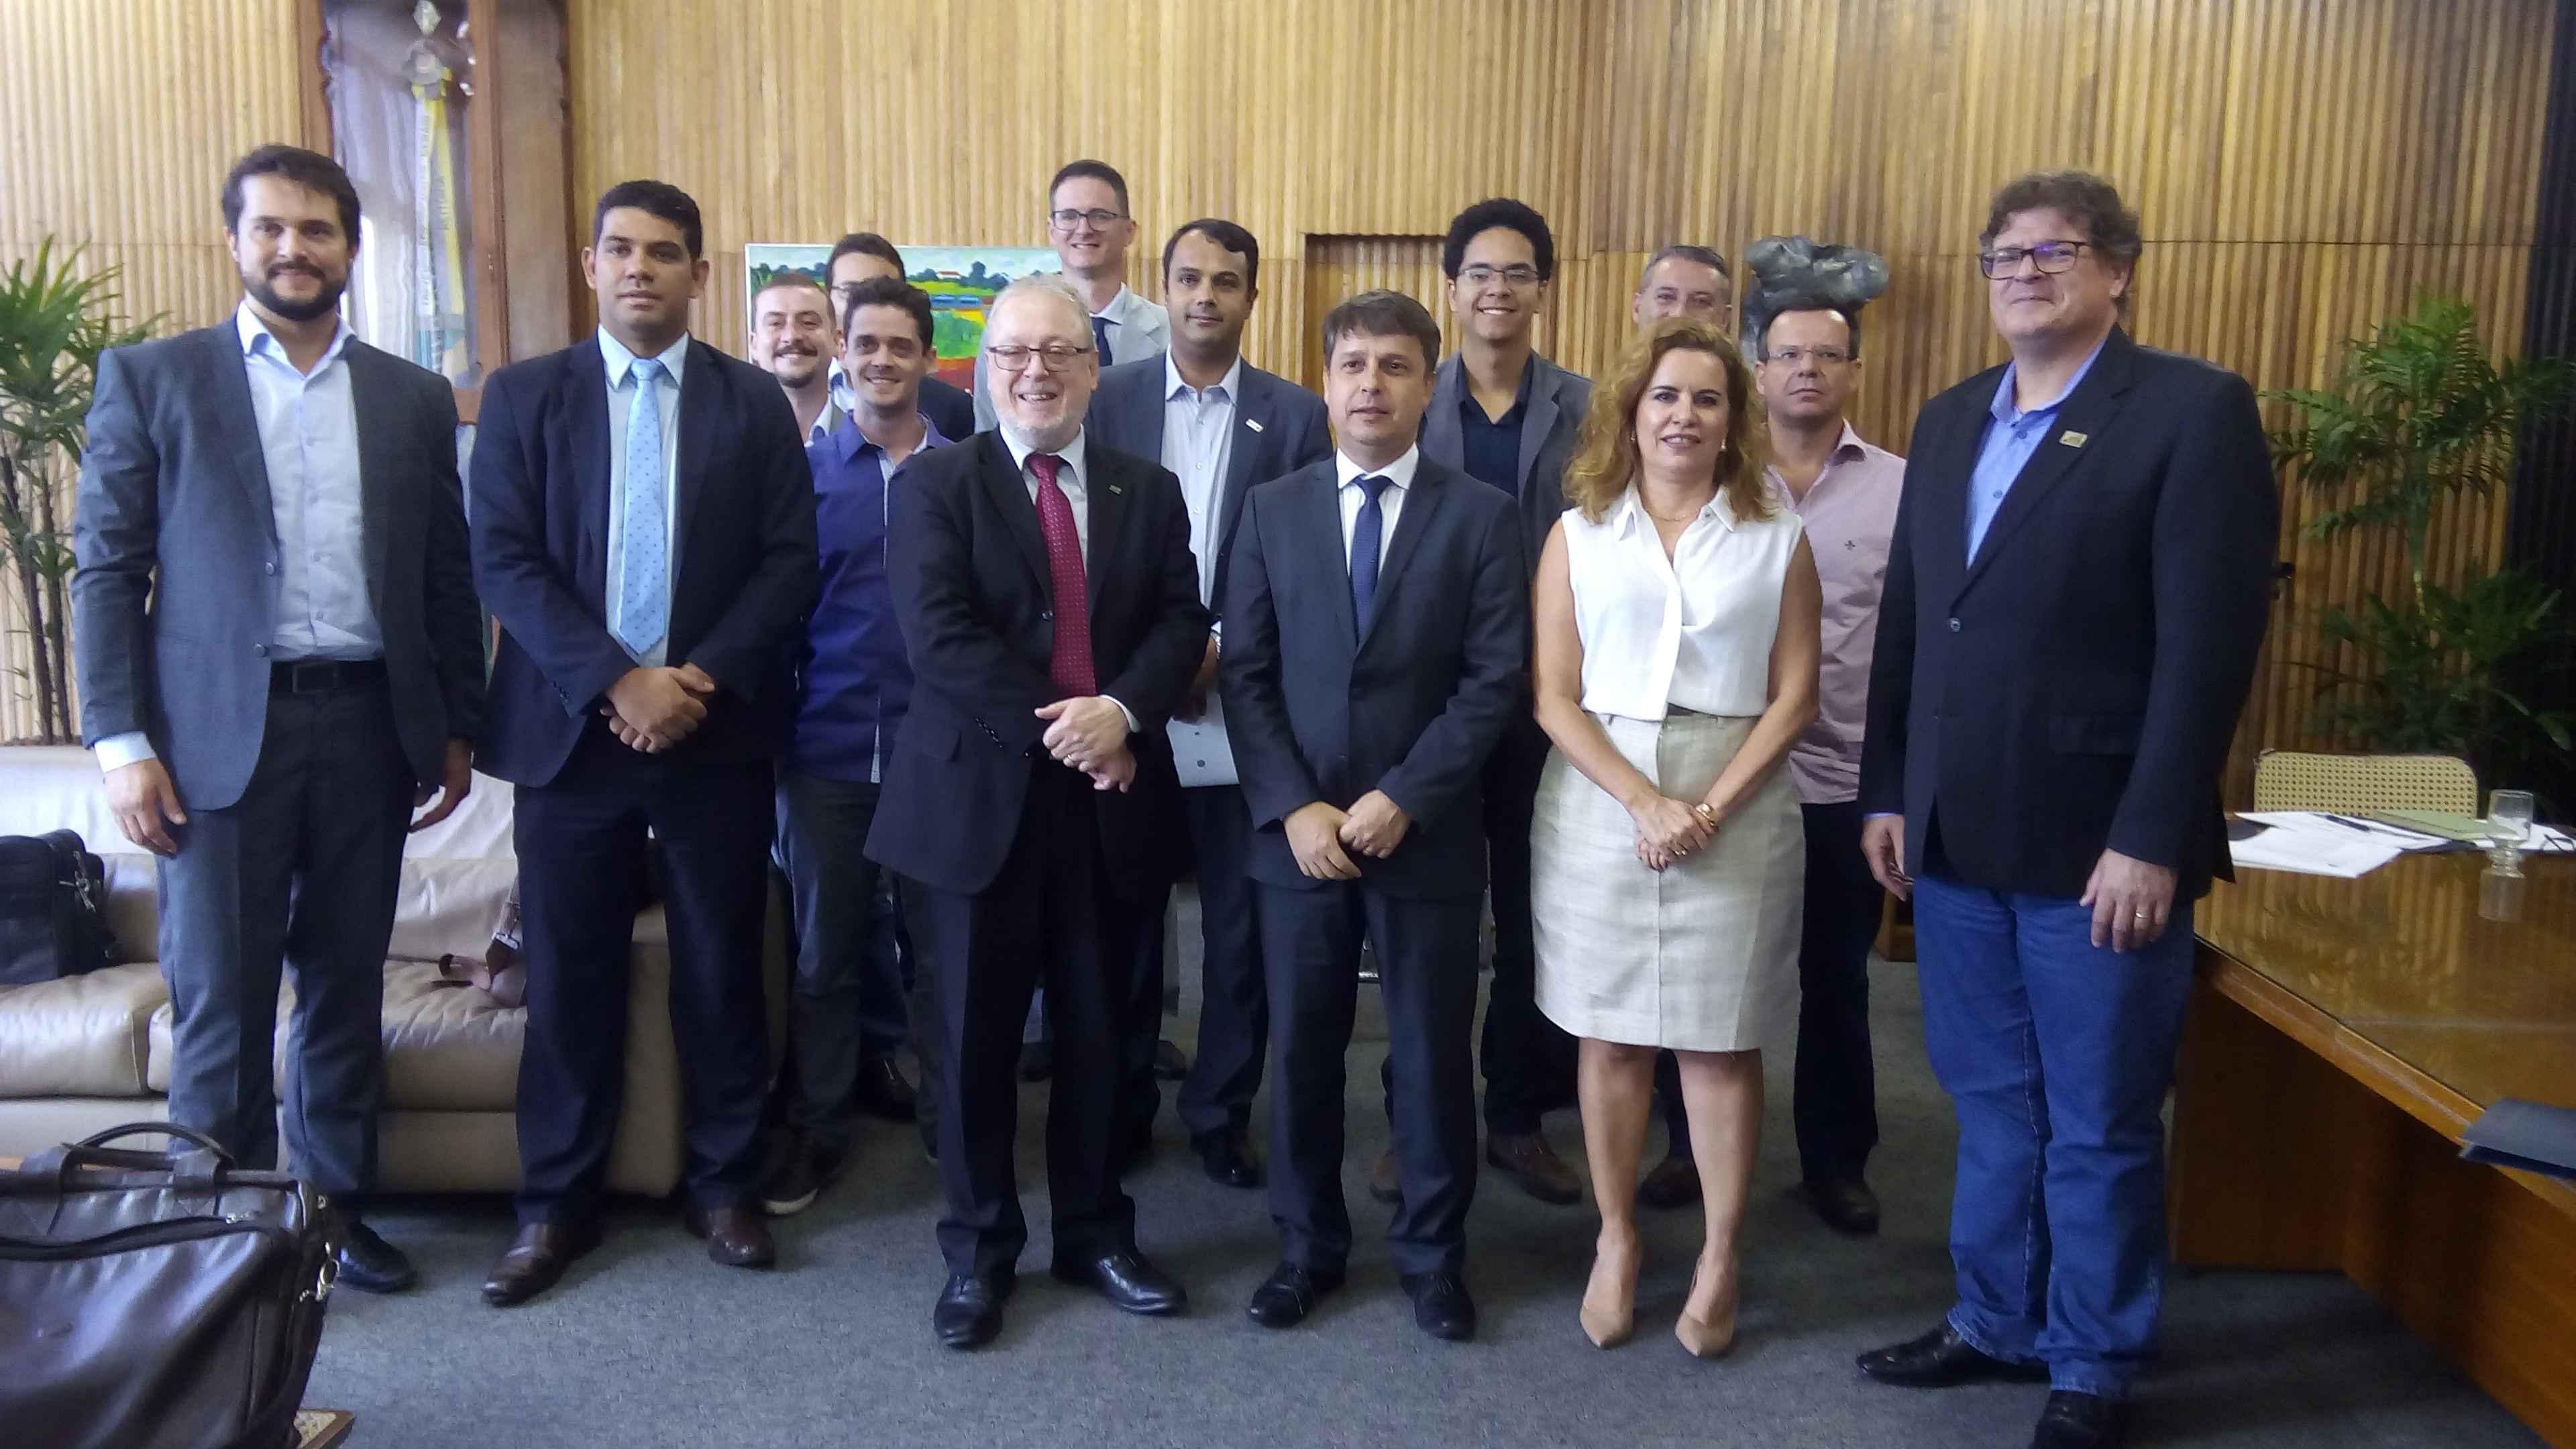 Dirigentes das universidades mineiras e do MEC se reuniram na UFMG para discutir as frentes de trabalho